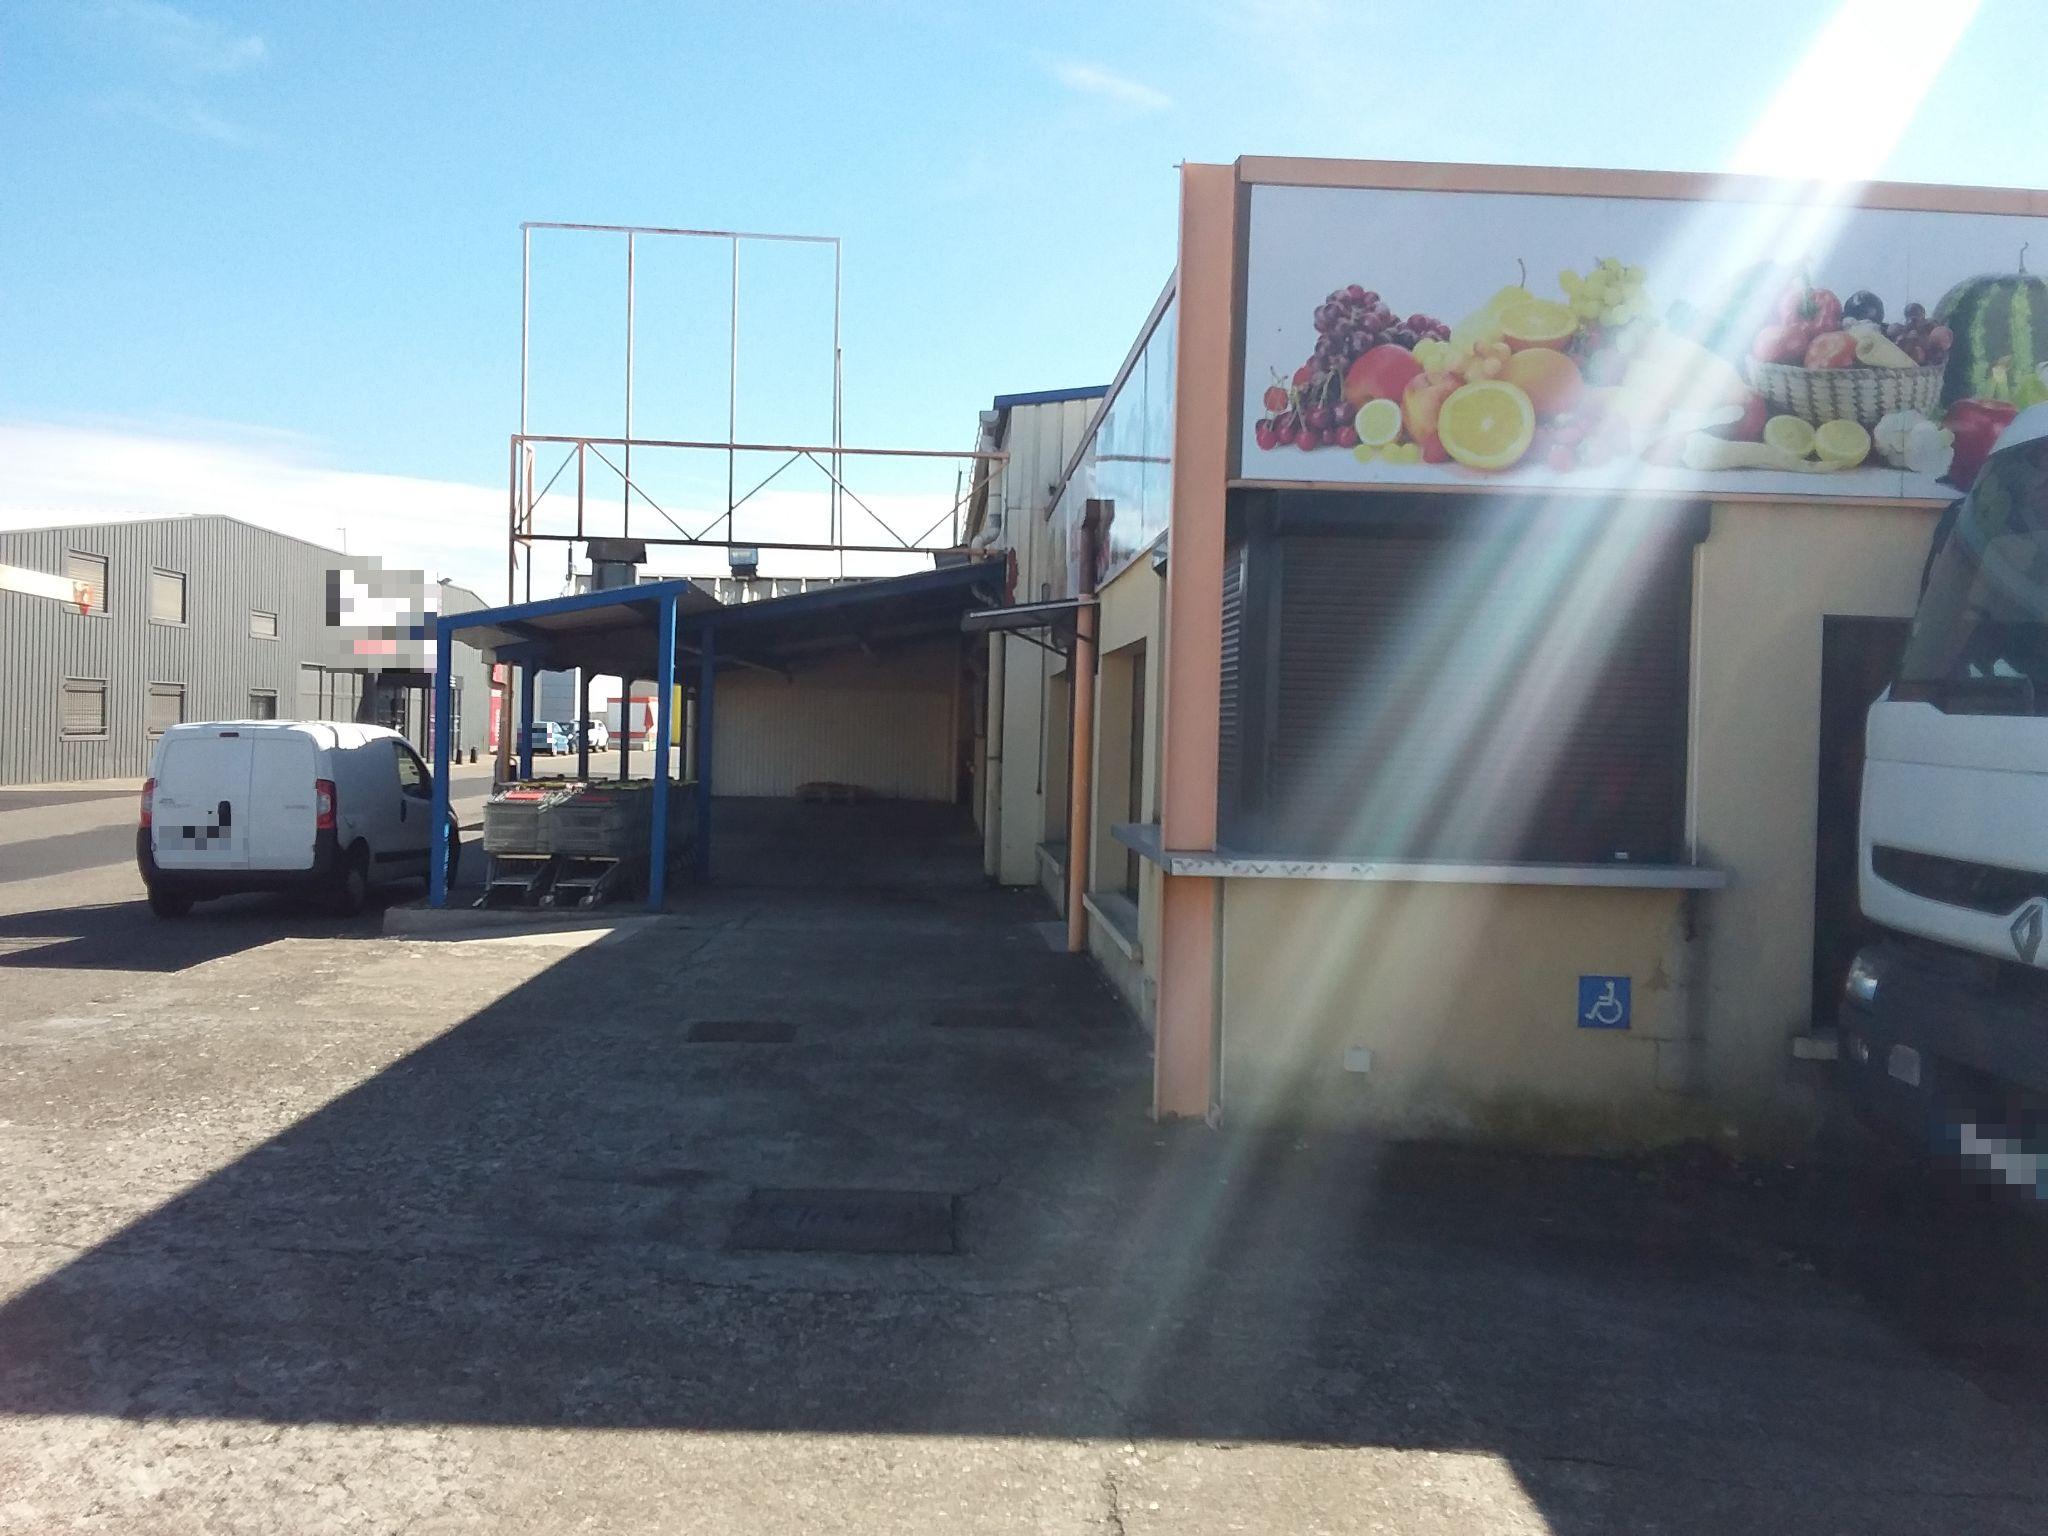 Vente Local commercial avec extraction actuellement Alimentation à Cournon-d'Auvergne dans une zone d'activité (63800) en France